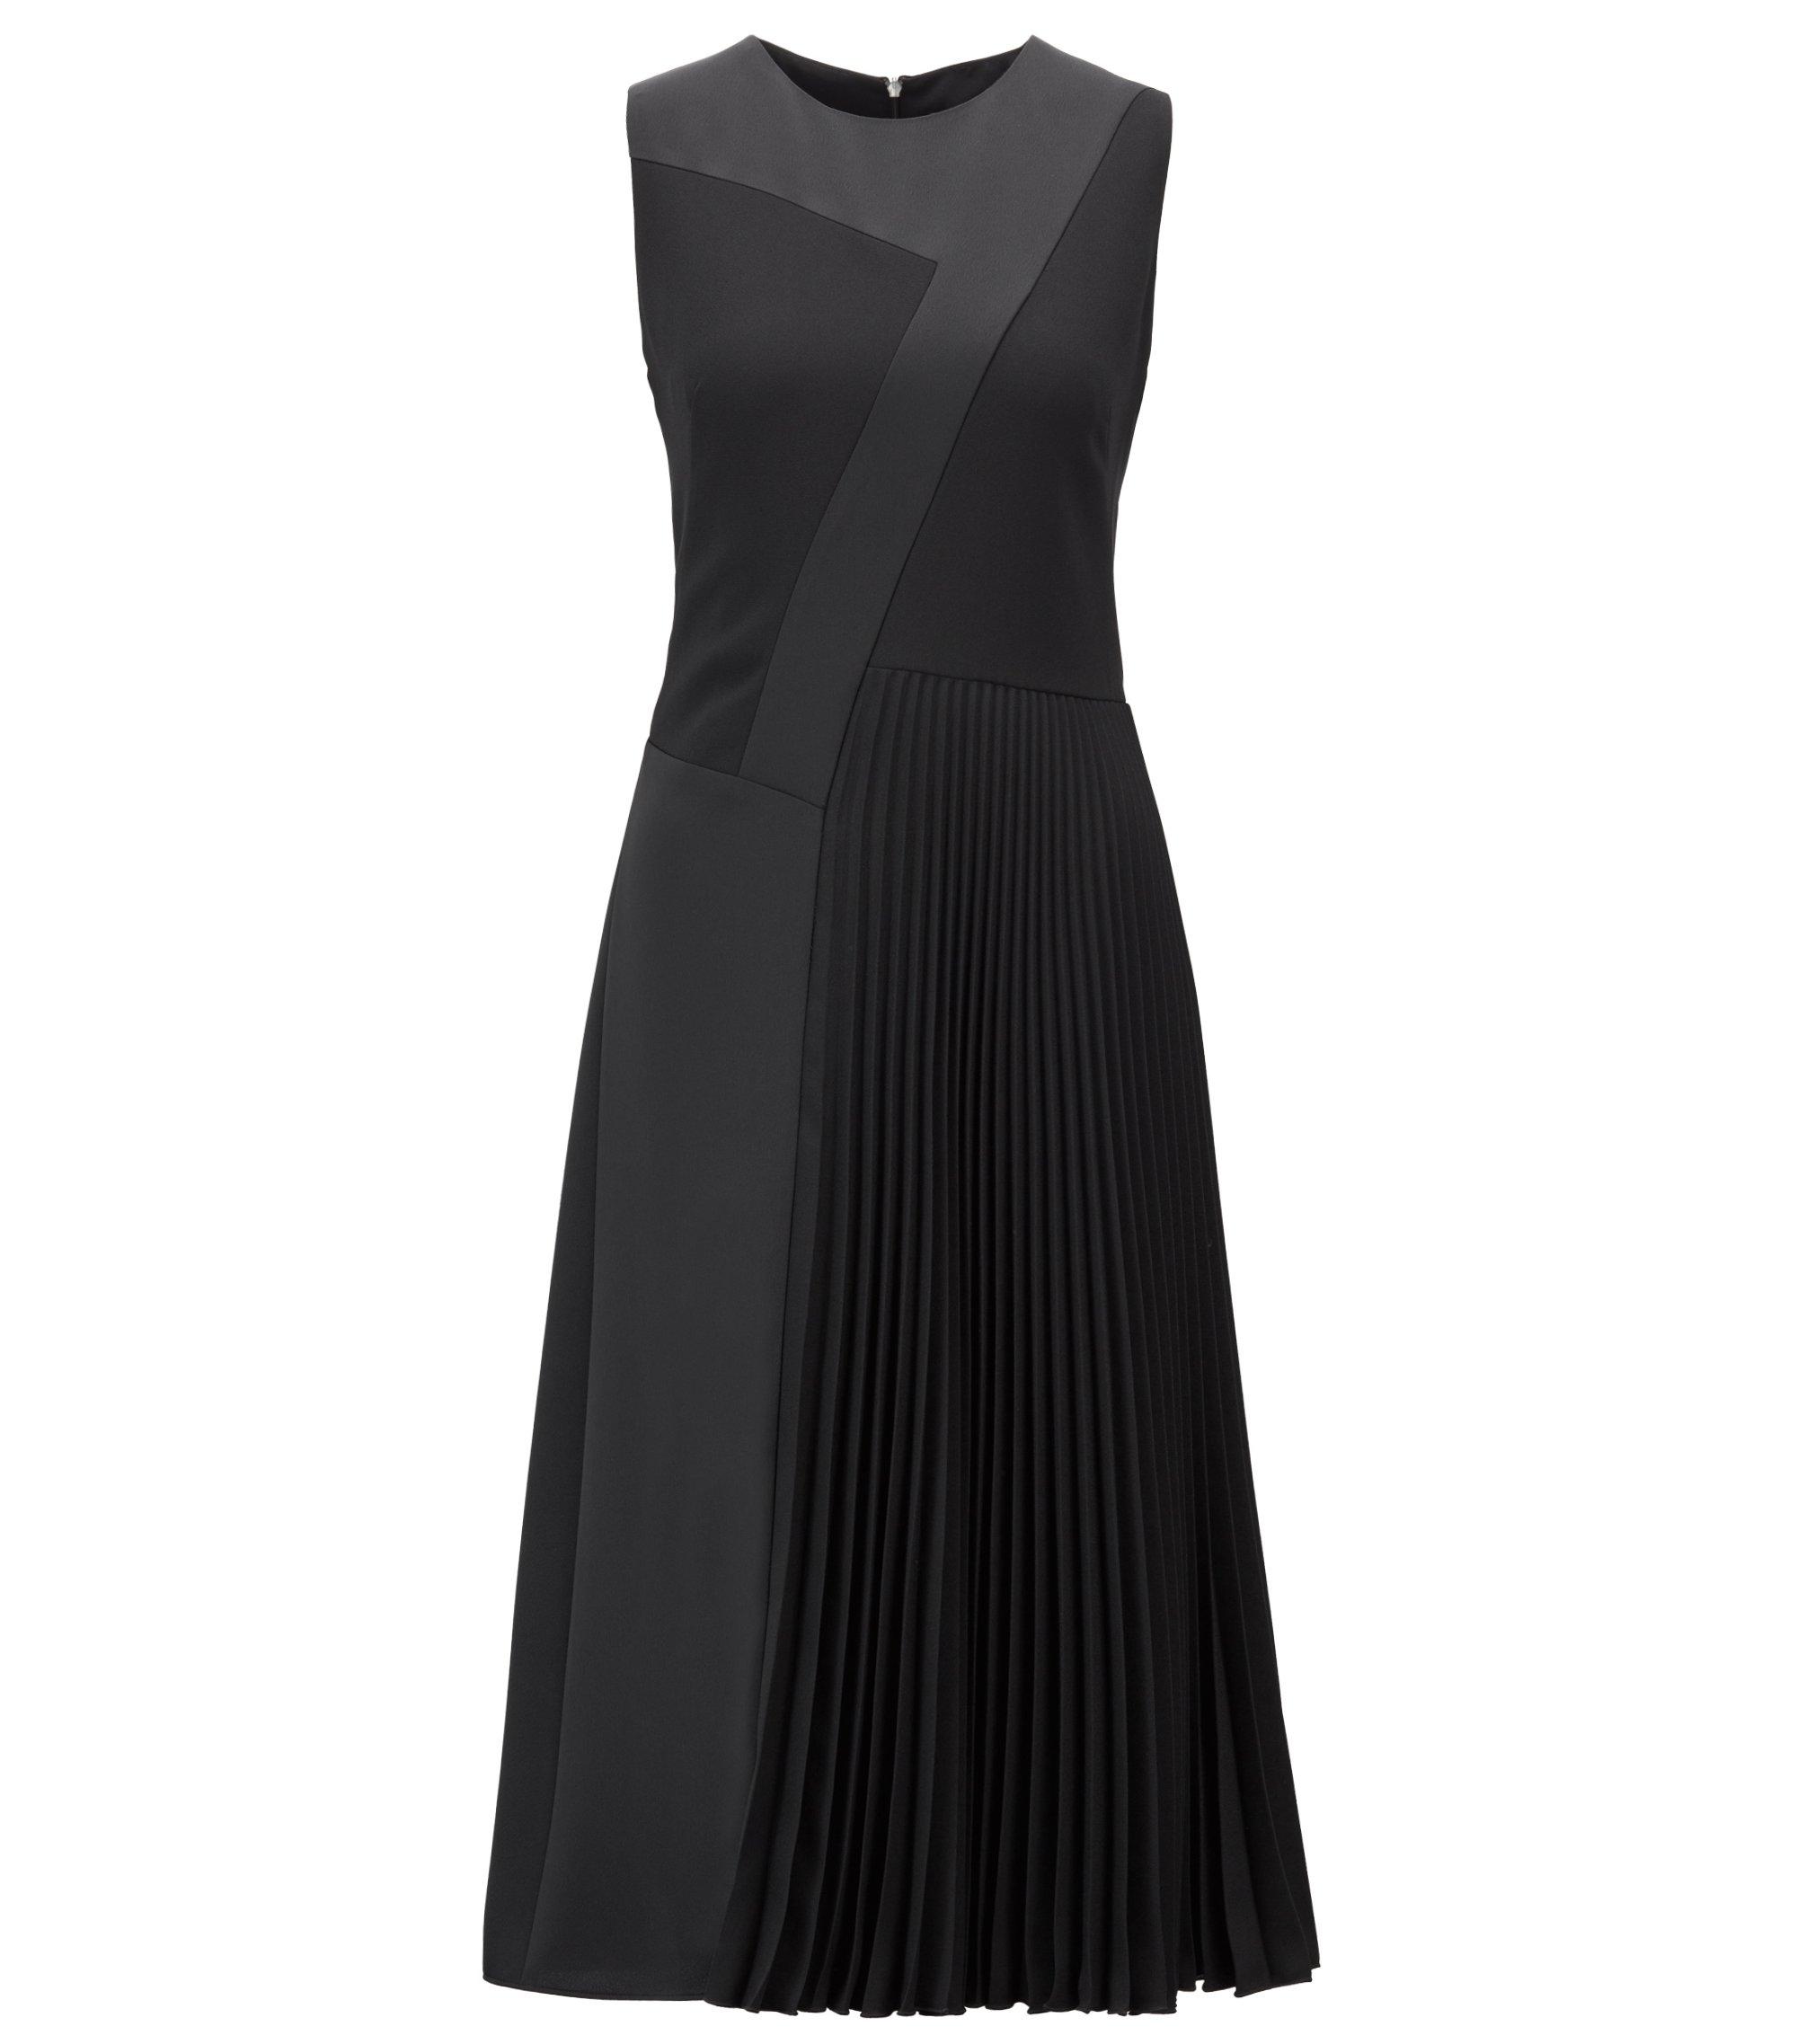 Robe mi-longue patchwork en crêpe avec jupe à empiècement plissé, Noir